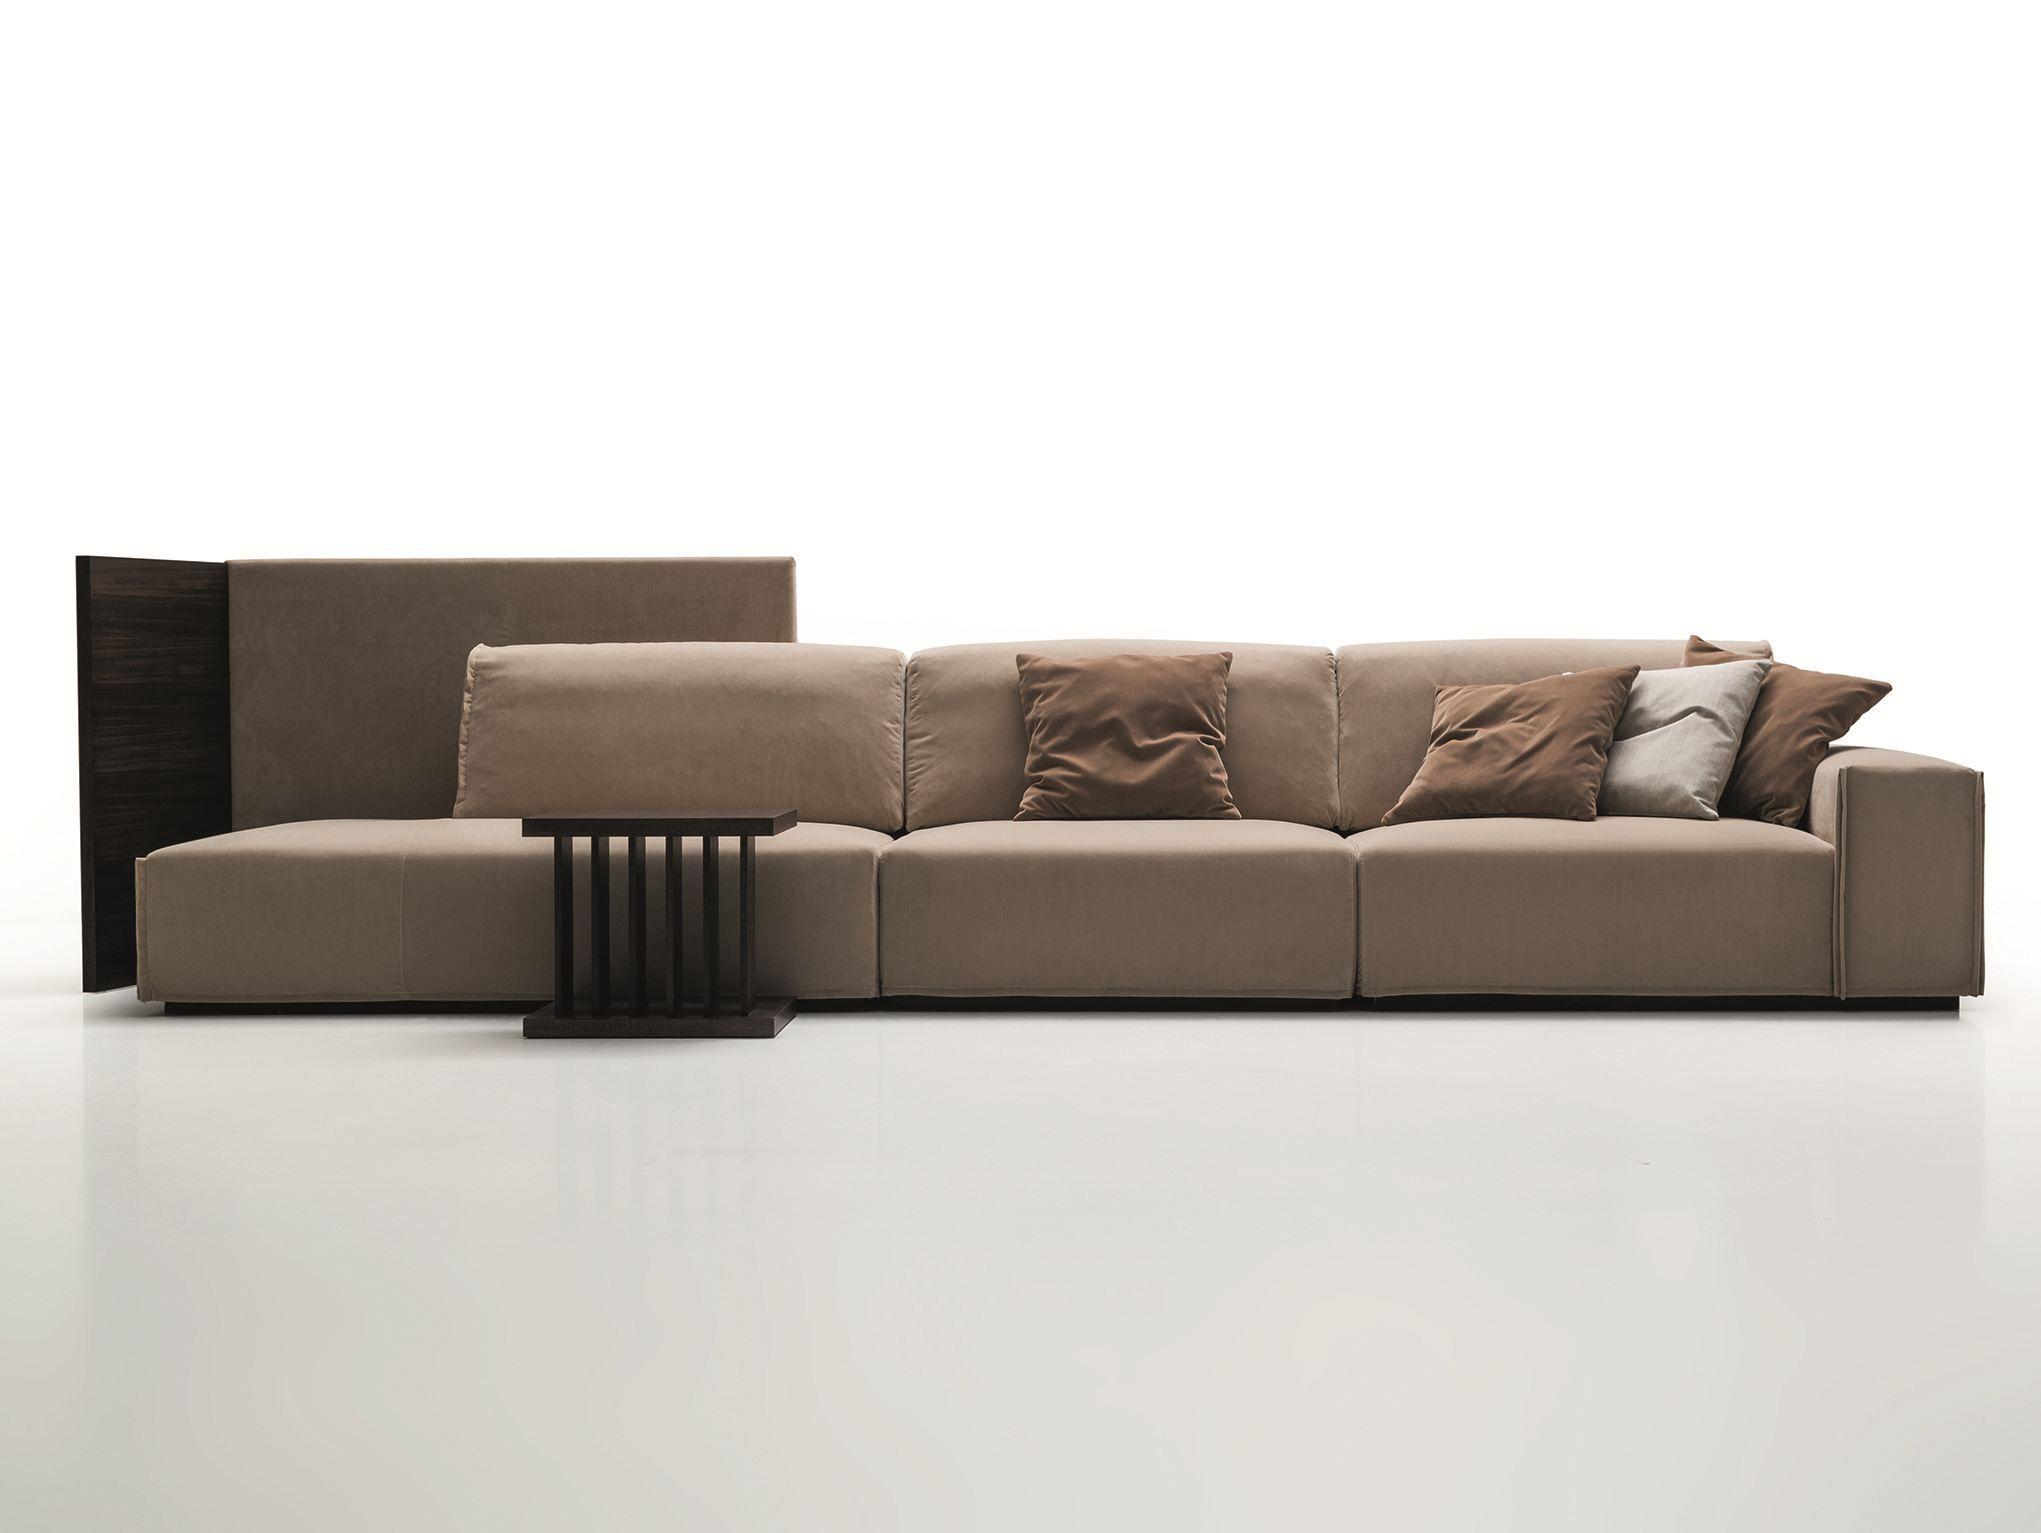 Monolith Sofa By Ditre Italia Design Daniele Lo Scalzo Moscheri